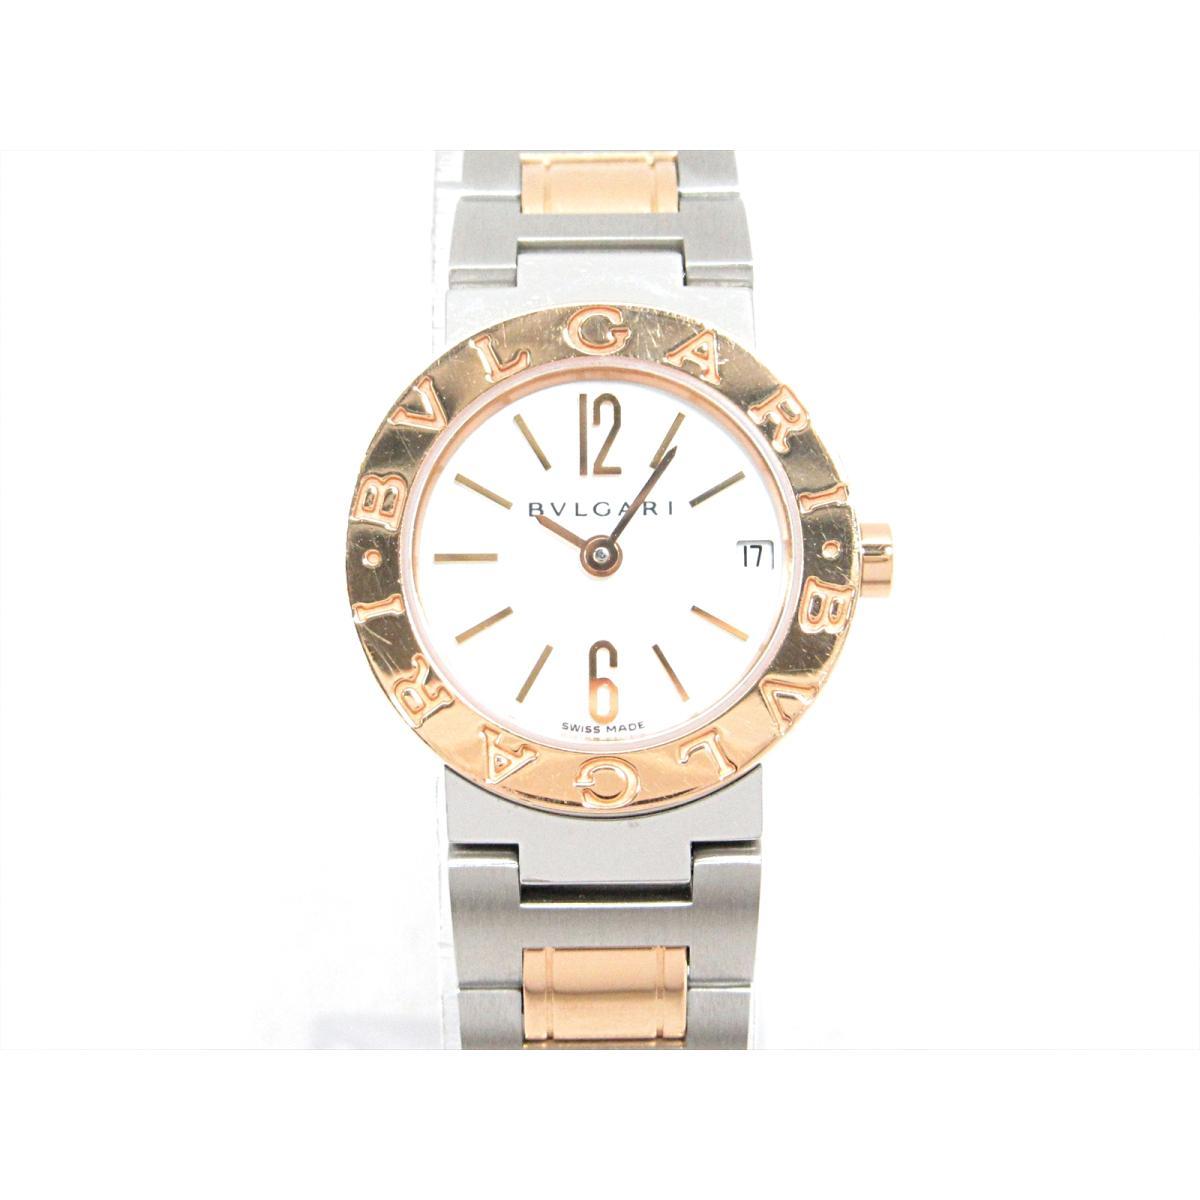 ブルガリ ブルガリ 腕時計/レディース/SALE/お買得品